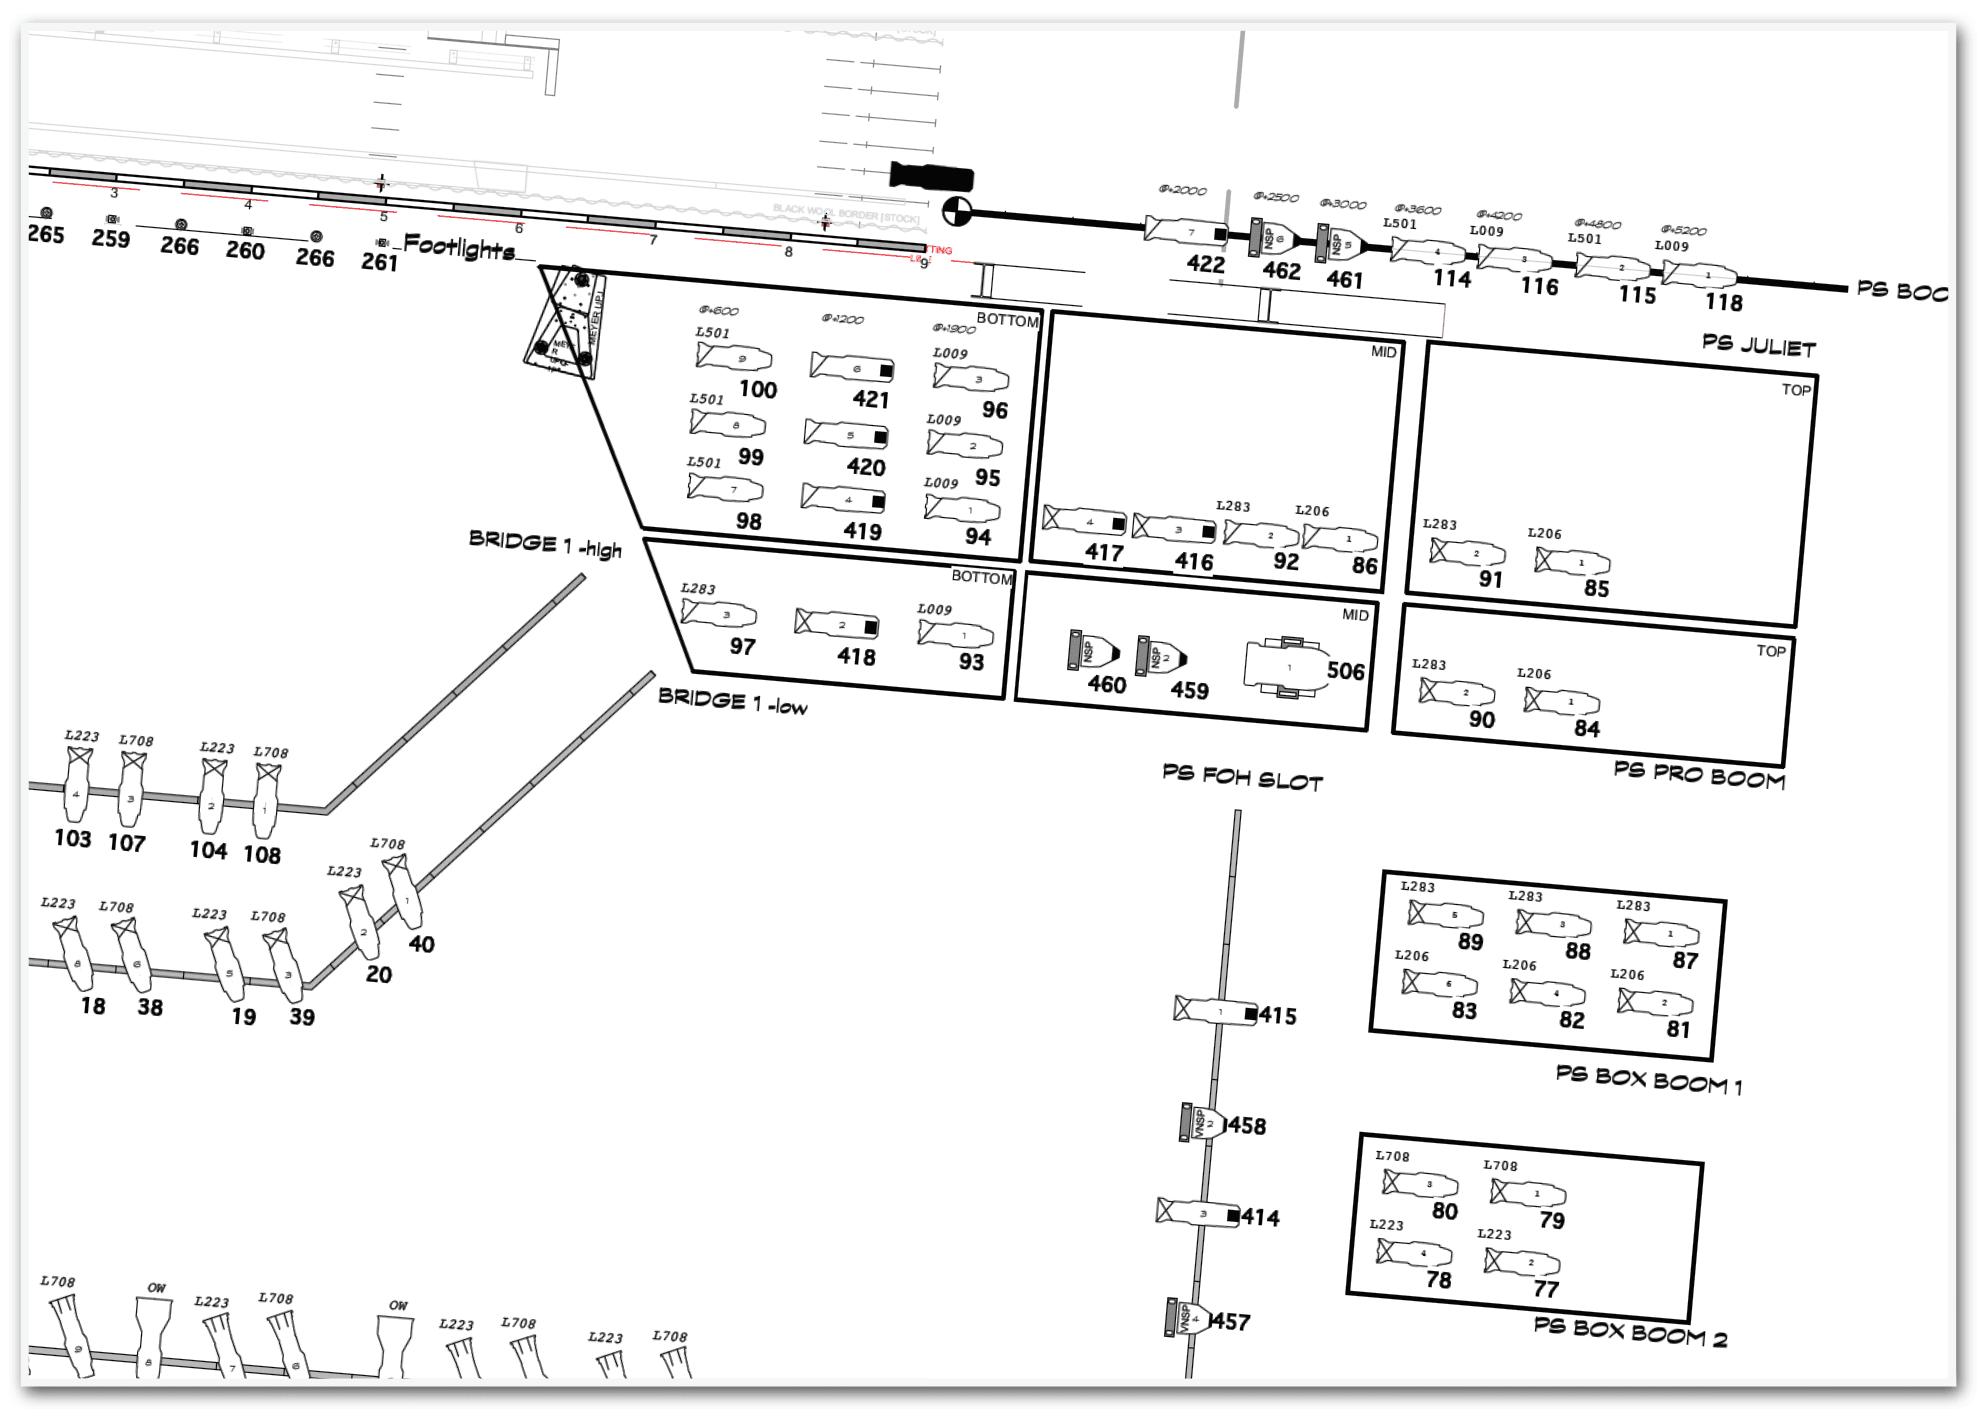 KOTSW_LX_Plan_Detail.png